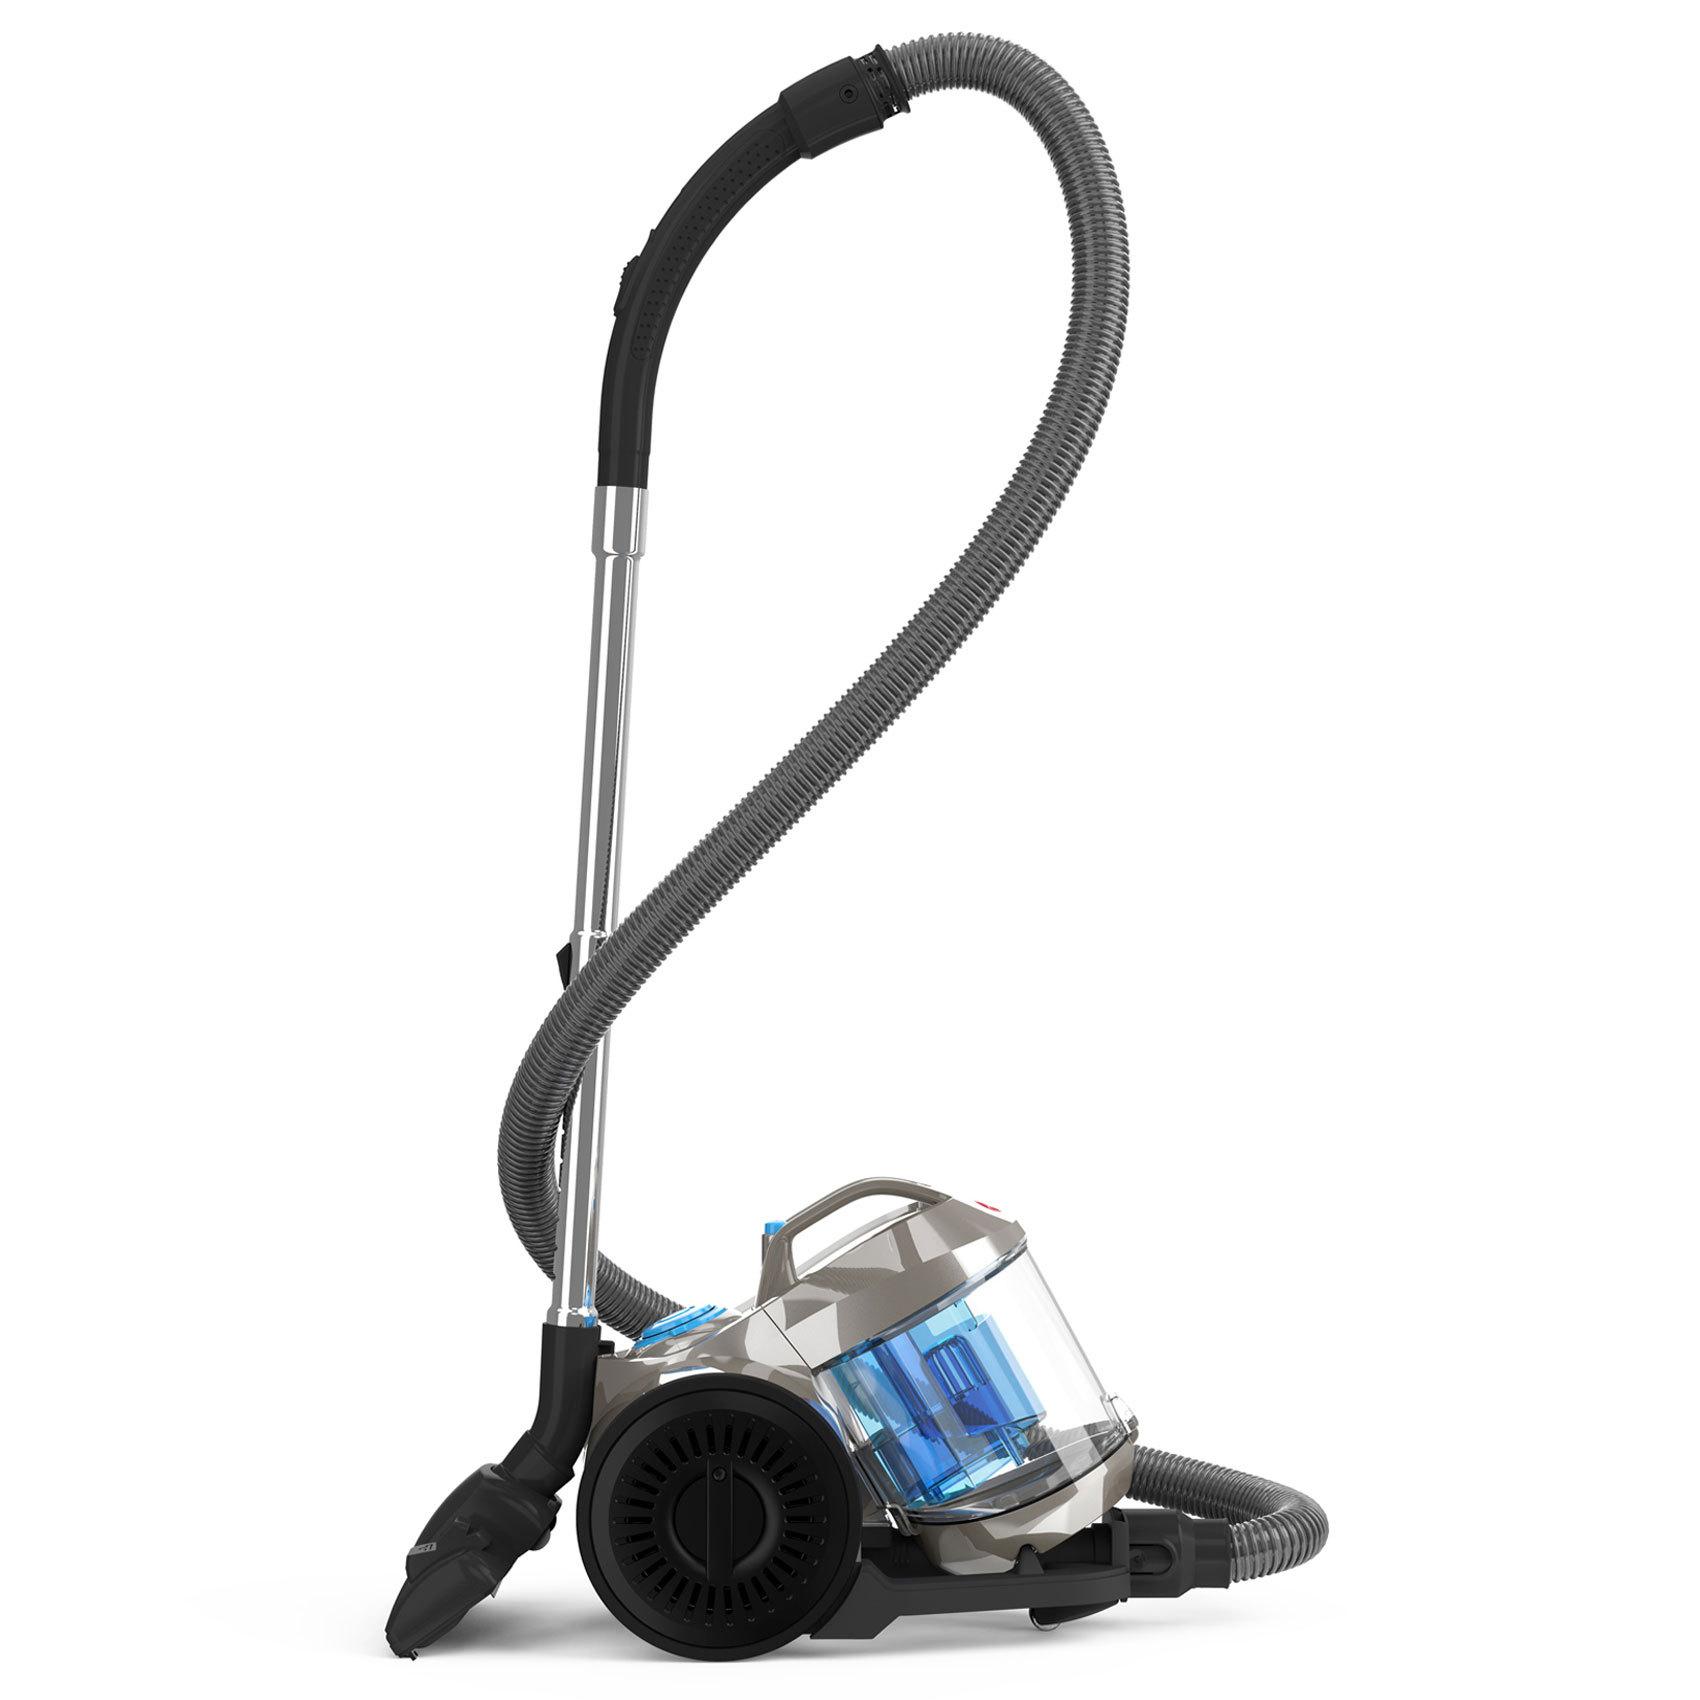 HOOVER V-CLEANER DRY HC85-P4-ME